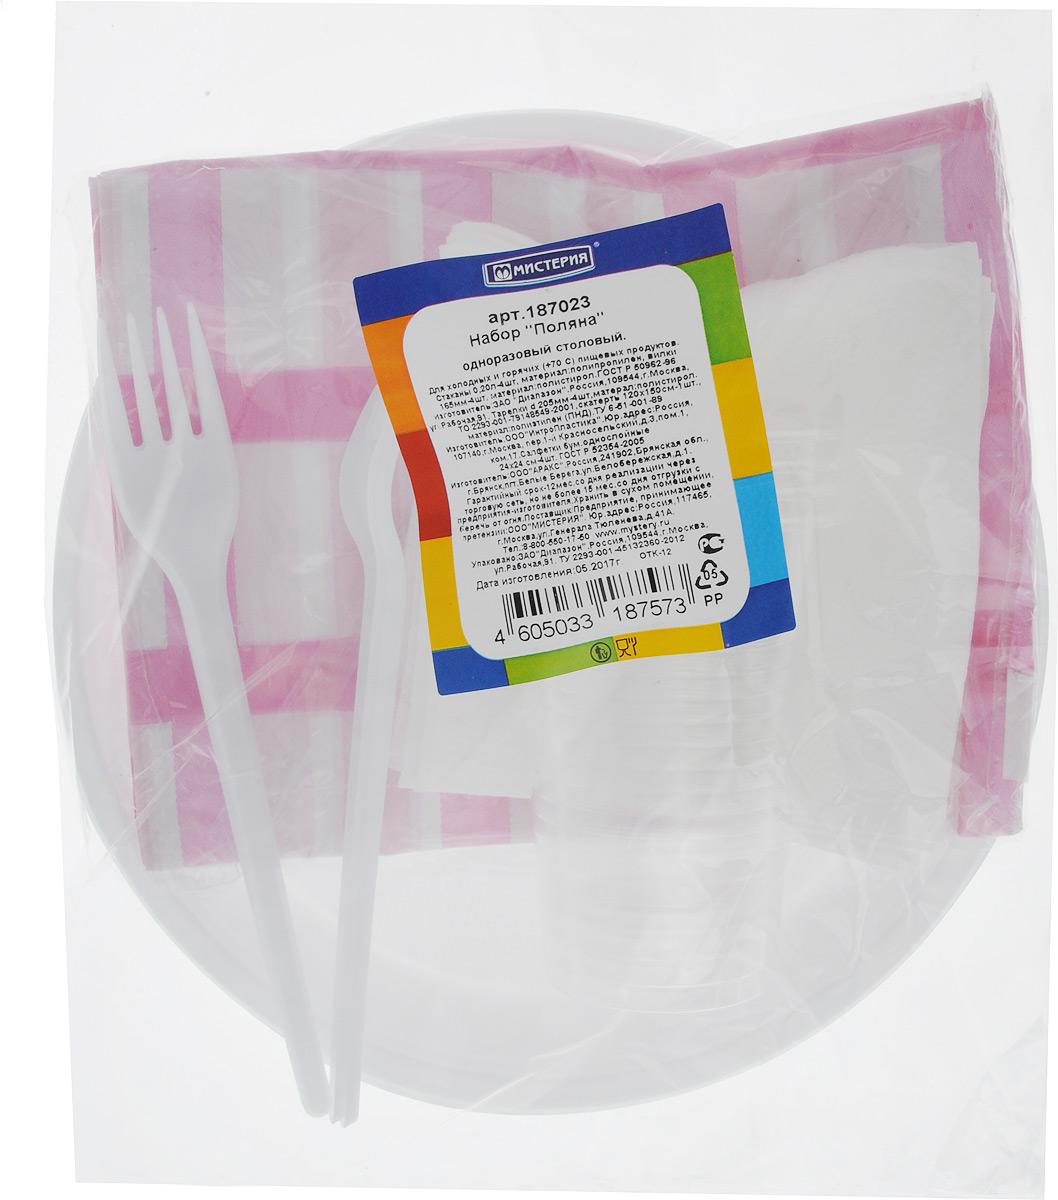 Набор одноразовой посуды Мистерия Поляна, 17 предметов187023Набор одноразовой посуды Мистерия Поляна на 6 персон включает 6 тарелок, 6 вилок, 6 стаканов, 6 салфеток и скатерть. Посуда выполнена из пищевого пластика, предназначена для холодных и горячих (до +70°С) пищевых продуктов. Скатерть изготовлена из полиэтилена (ПНД). Такой набор посуды отлично подойдет для отдыха на природе. В нем есть все необходимое для пикника. Он легкий и не занимает много места, а самое главное - после использования его не надо мыть. Объем стакана: 200 мл. Диаметр стакана (по верхнему краю): 7 см. Высота стакана: 9,5 см. Диаметр тарелки: 20,5 см. Длина вилки: 16,5 см. Размер салфетки: 24 х 24 см. Размер скатерти: 120 х 150 см.